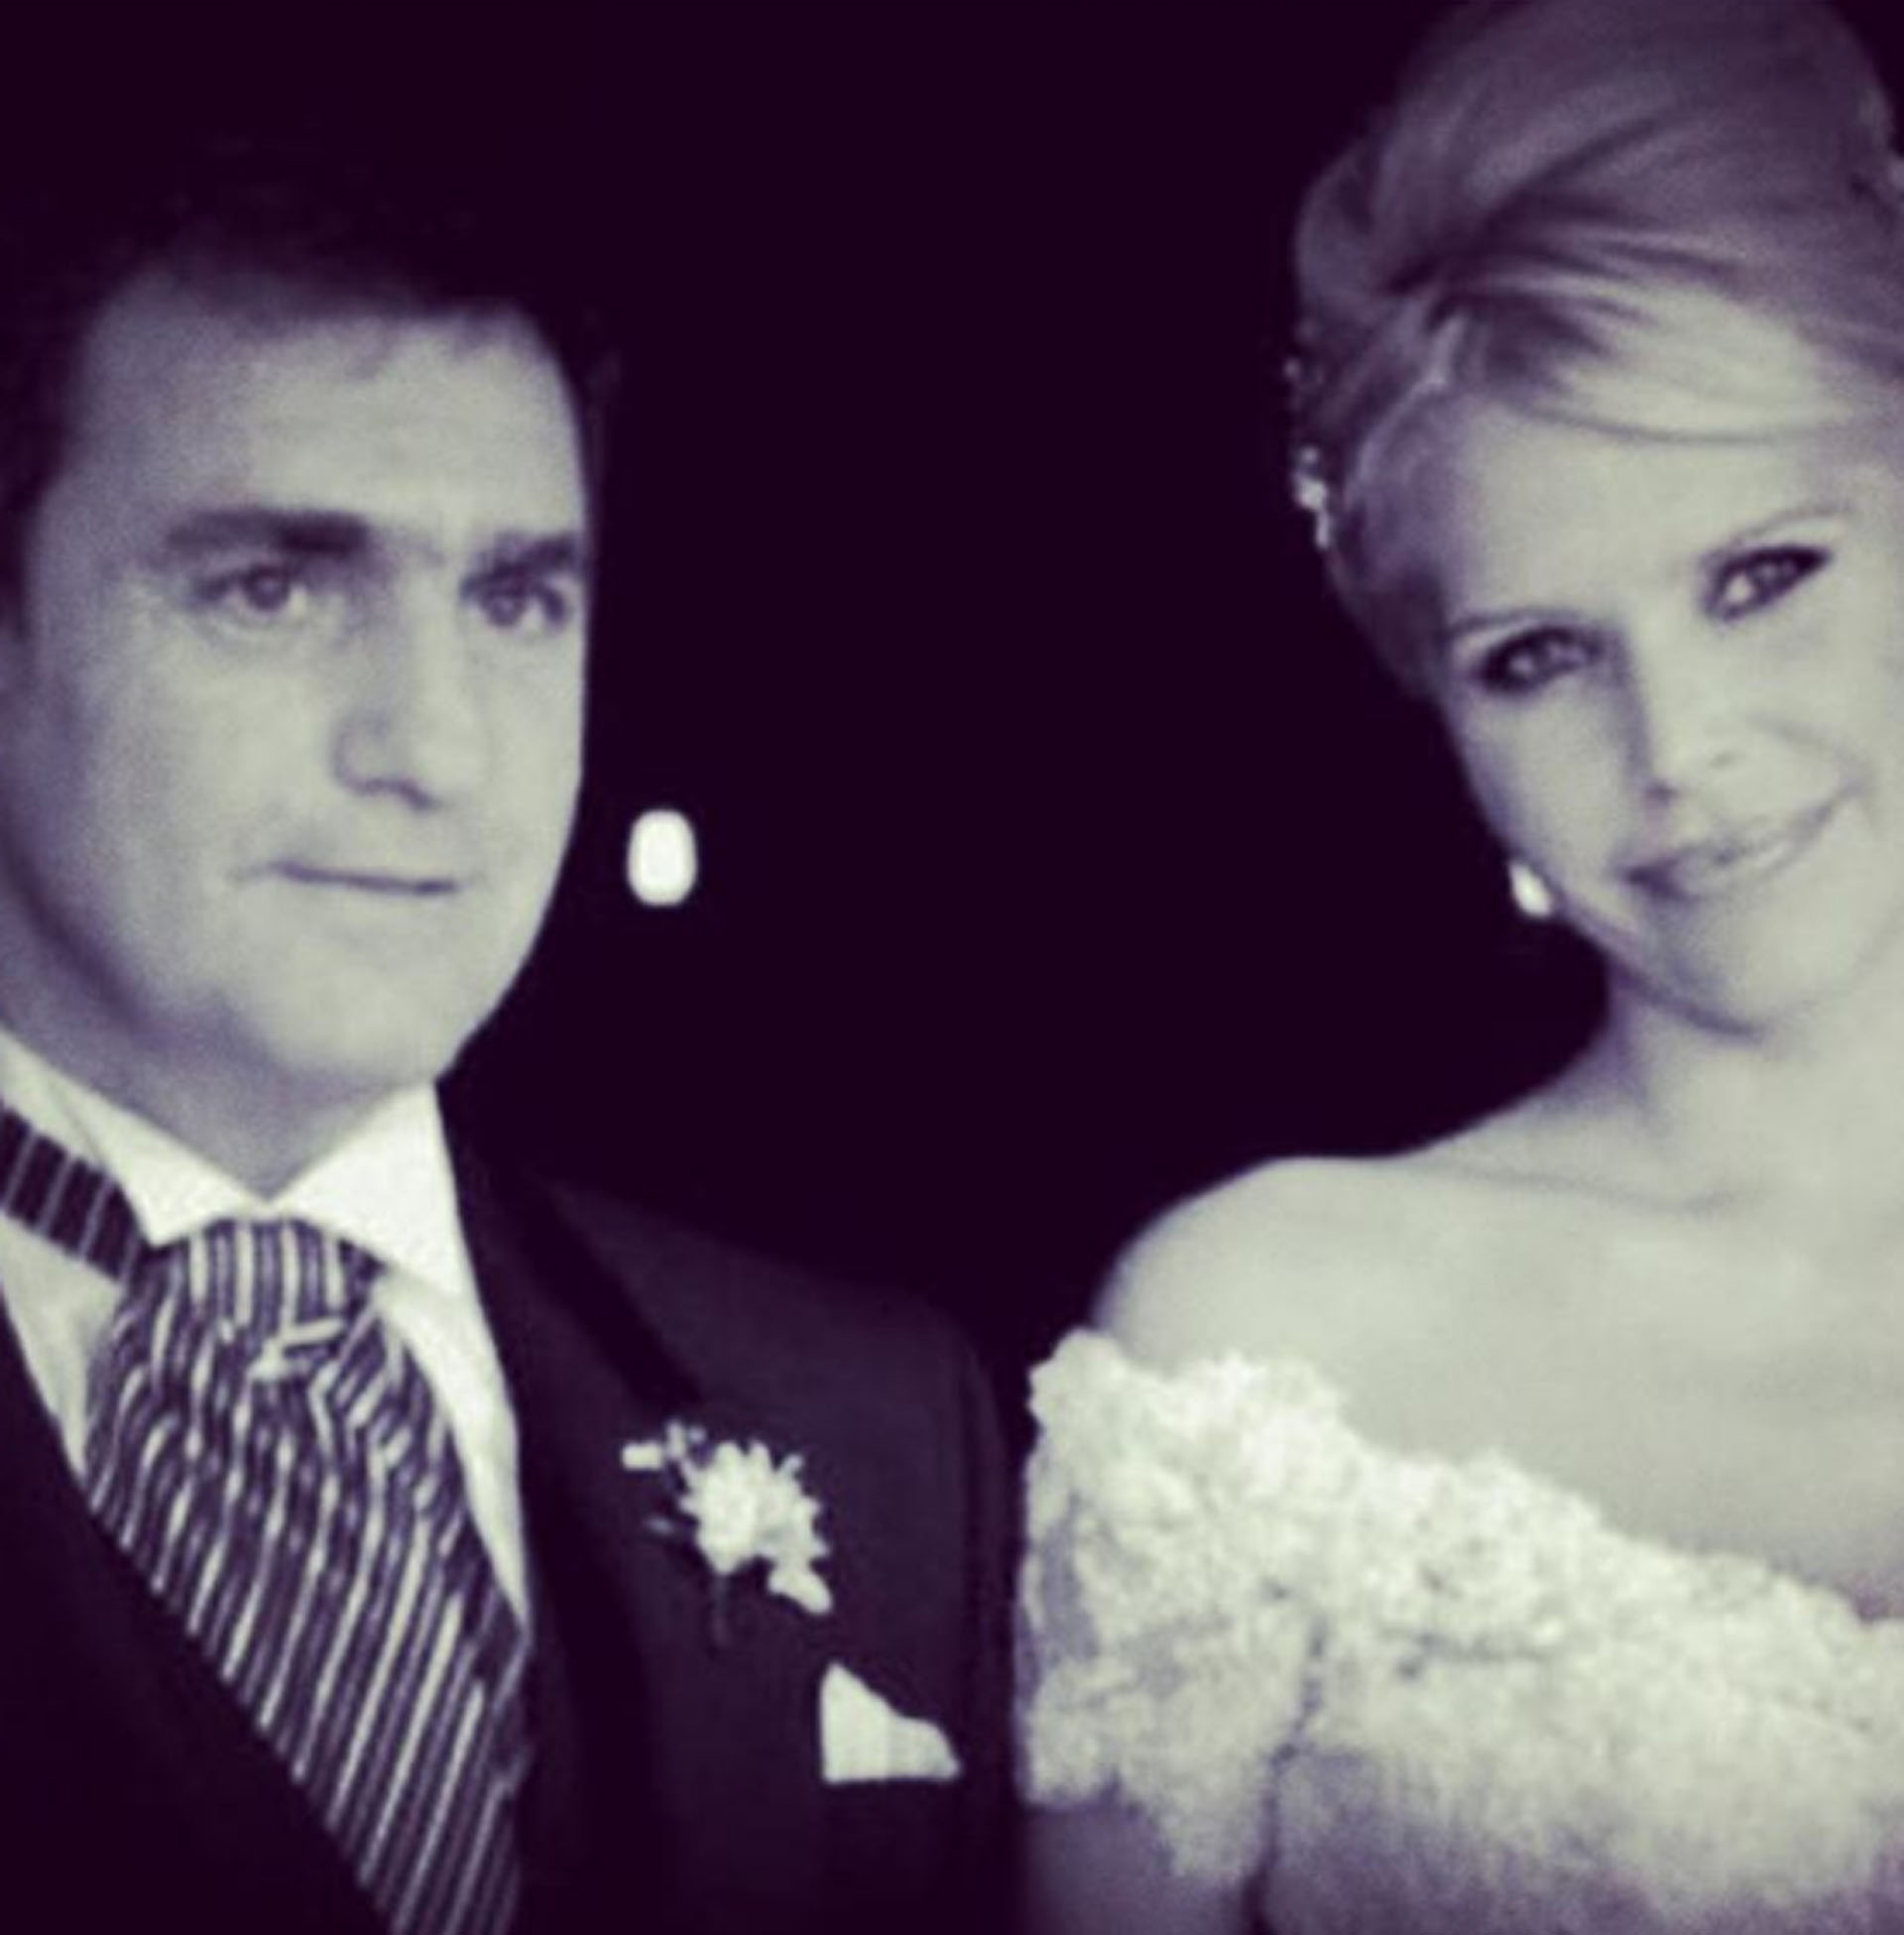 Fabián Rodríguez, marido de Nazarena Vélez, se suicidó en marzo de 2014. Era padre de Lucas y Camila, fruto de su relación anterior, y Thiago, quien nació del amor con la actriz